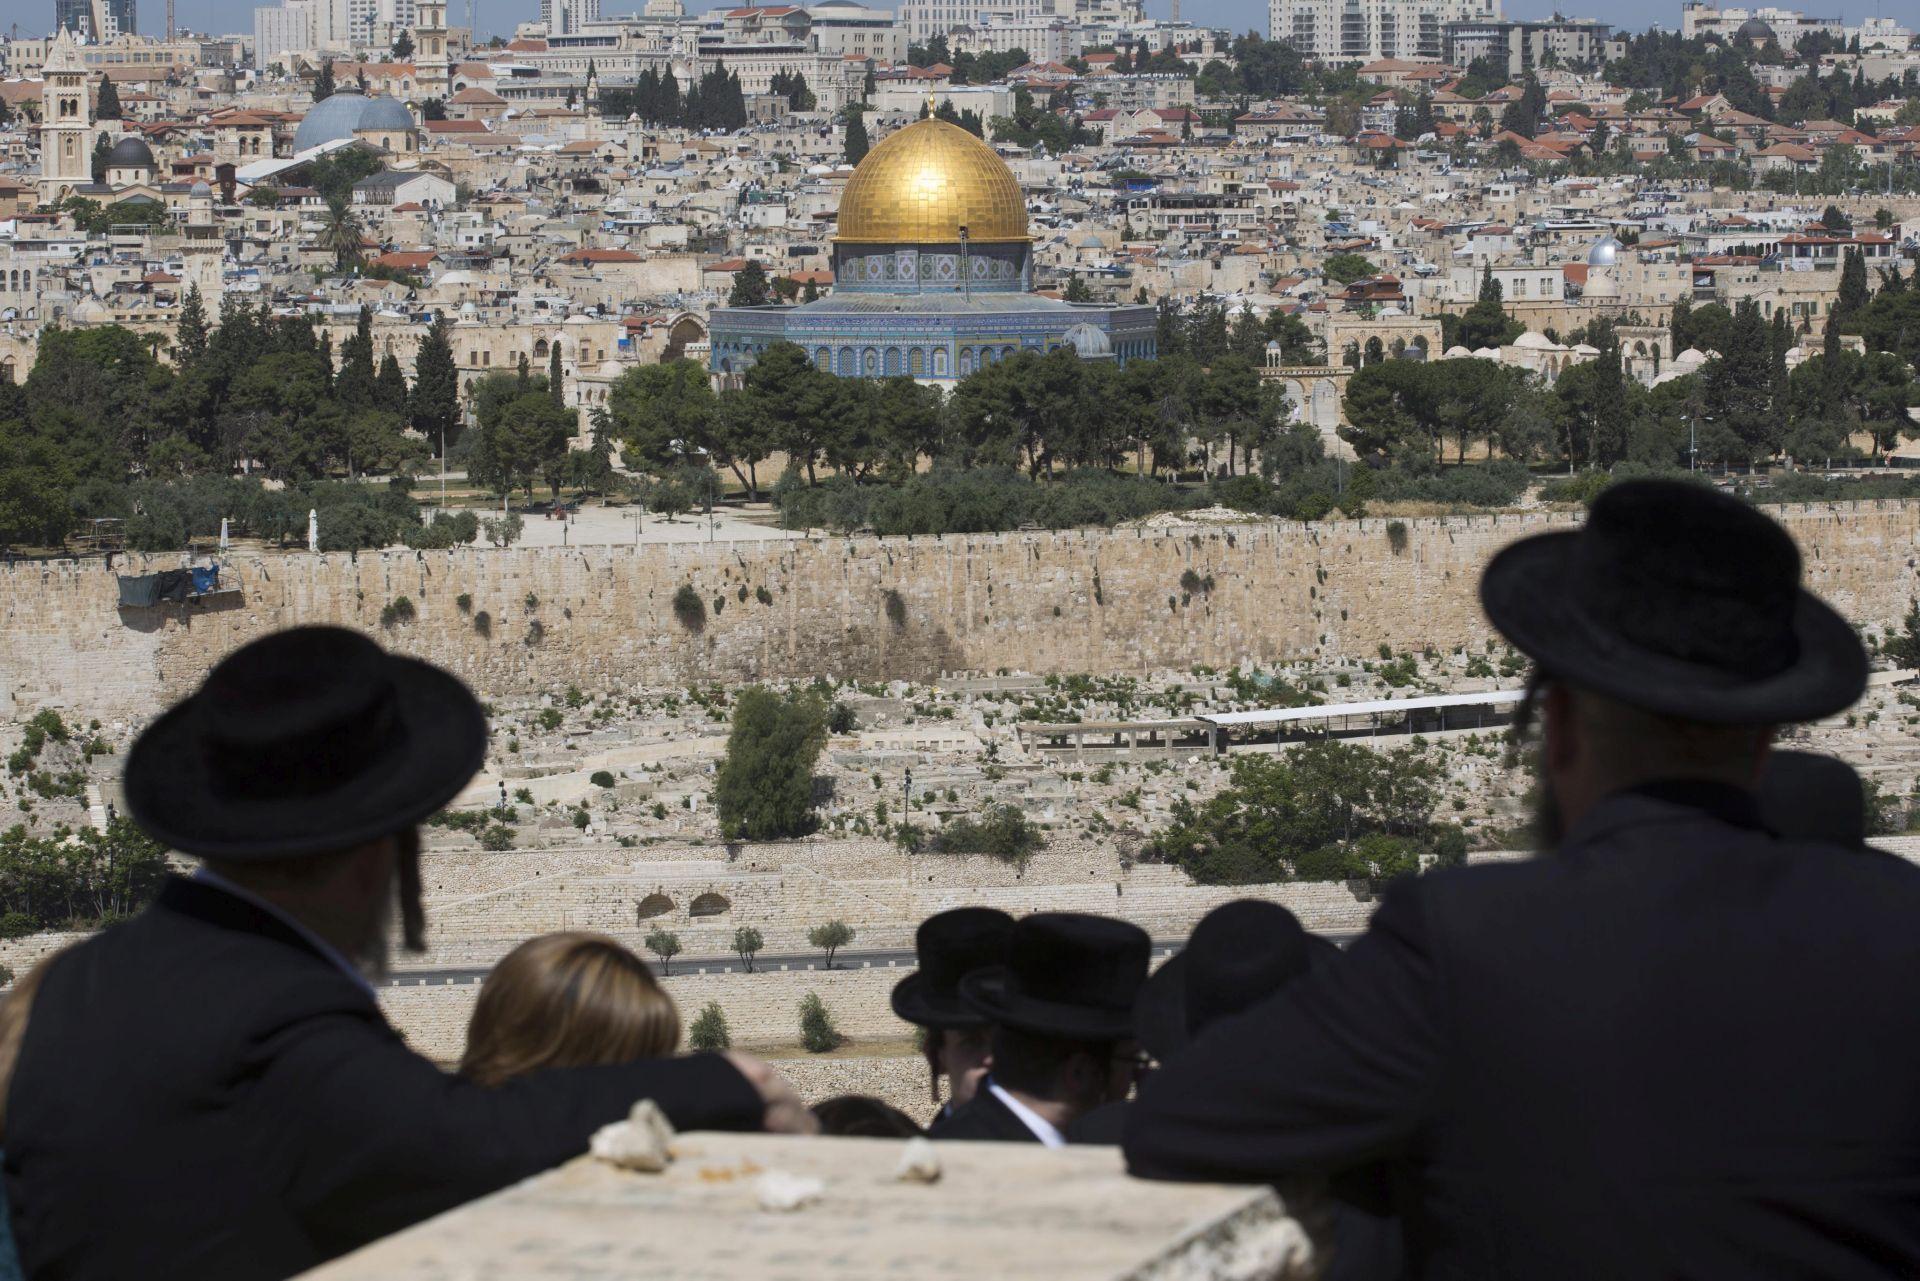 KONTROVERZA Trump proglašava Jeruzalem glavnim gradom Izraela